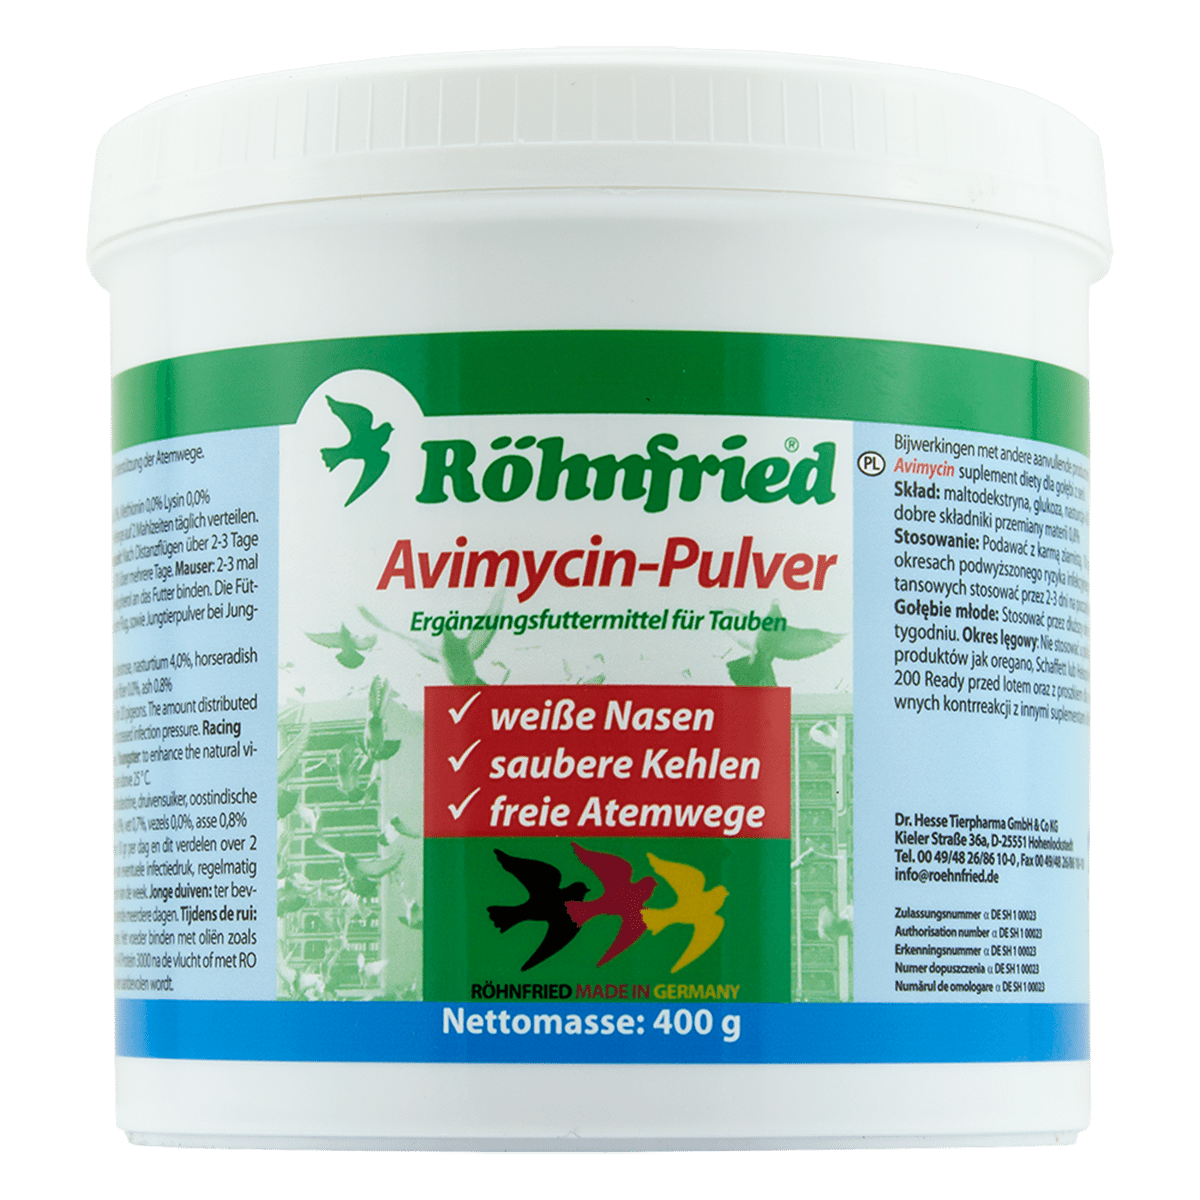 Avimycin Pulver